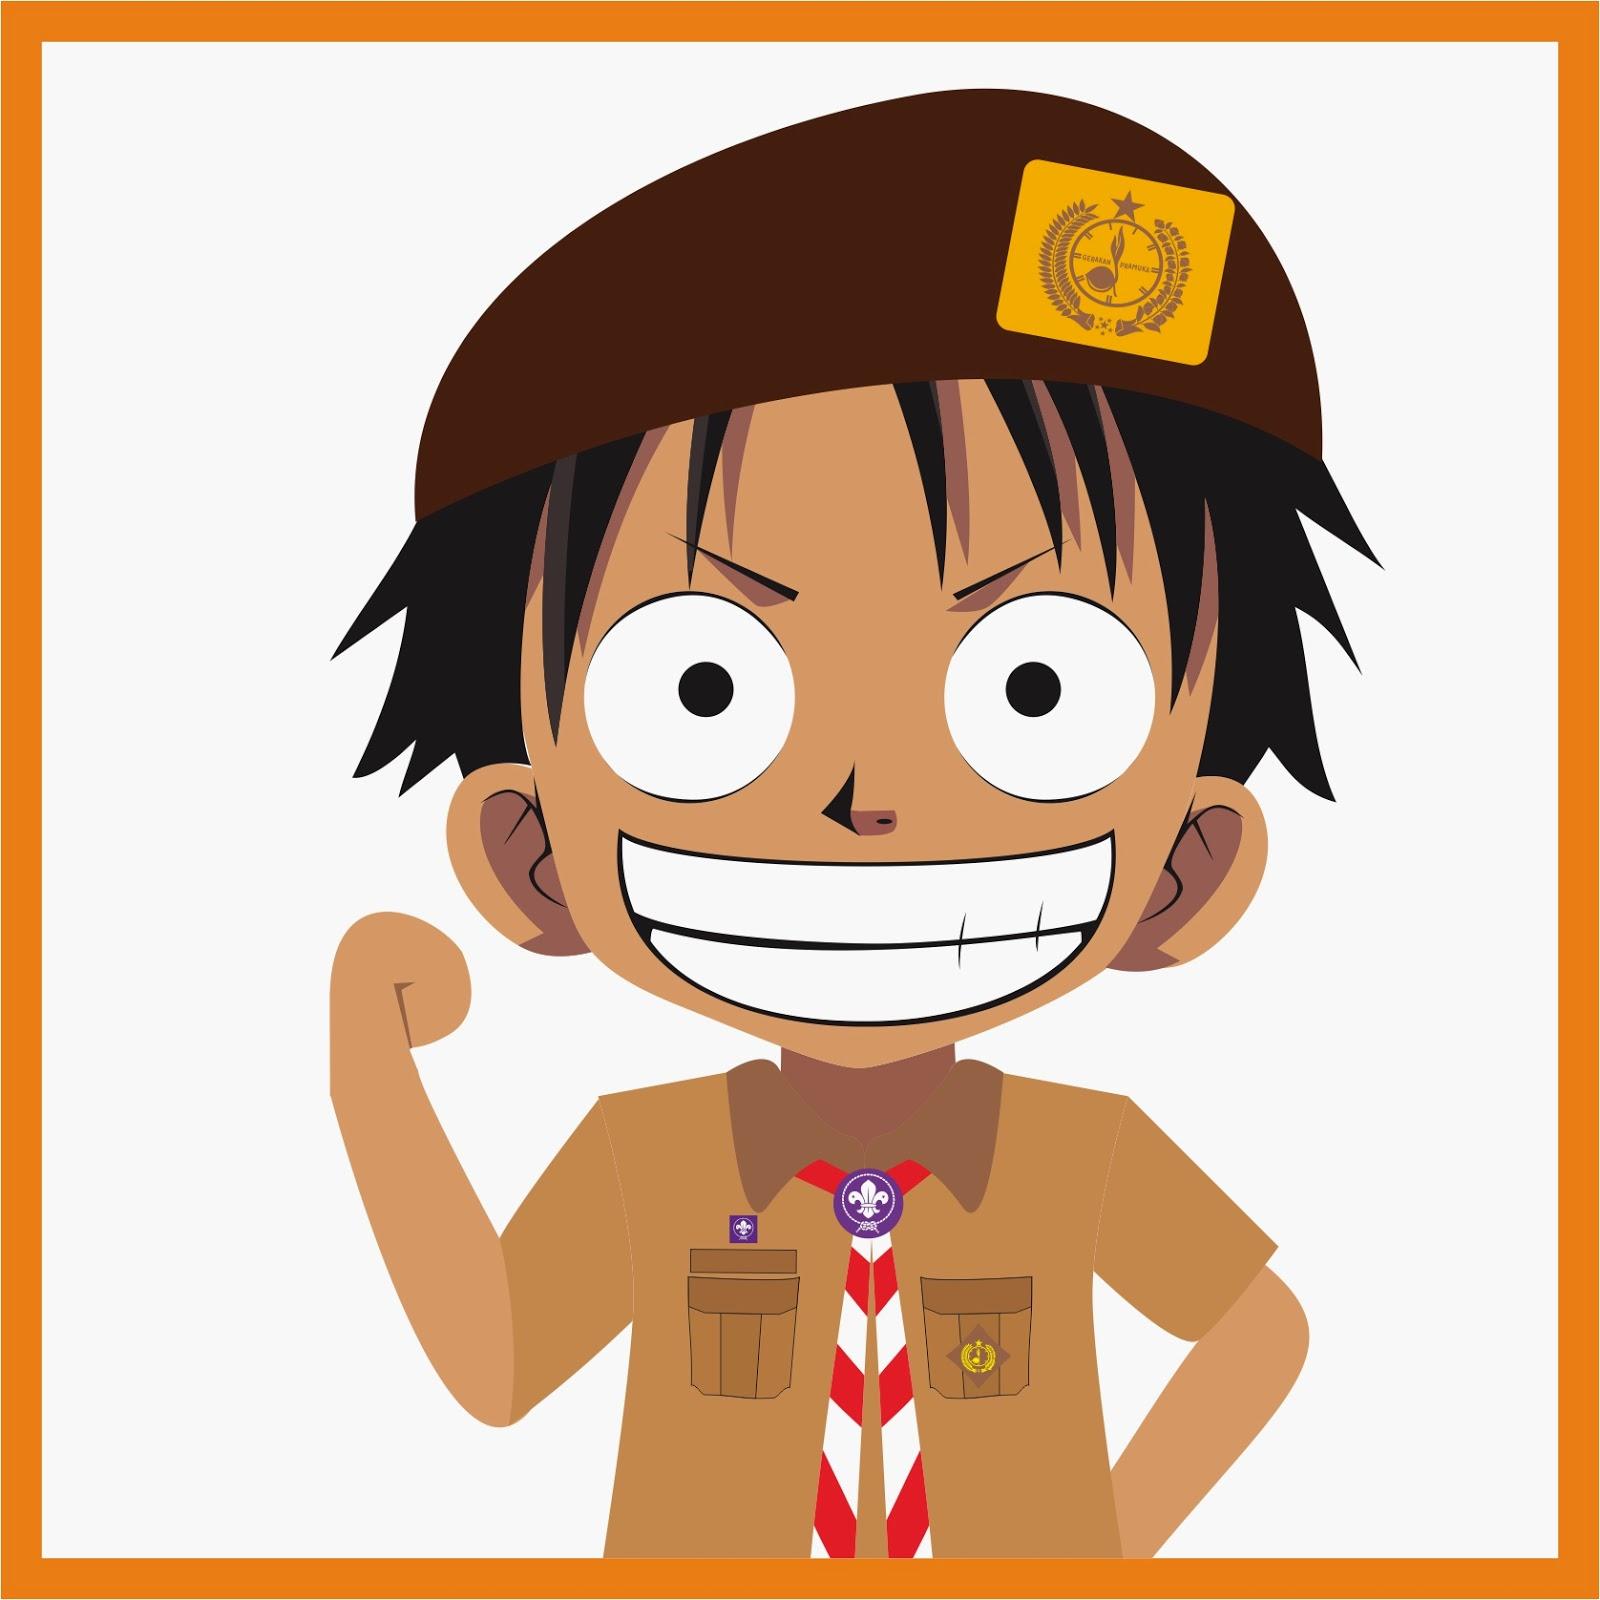 Kumpulan Gambar Kartun Pramuka Pejuang Pramuka